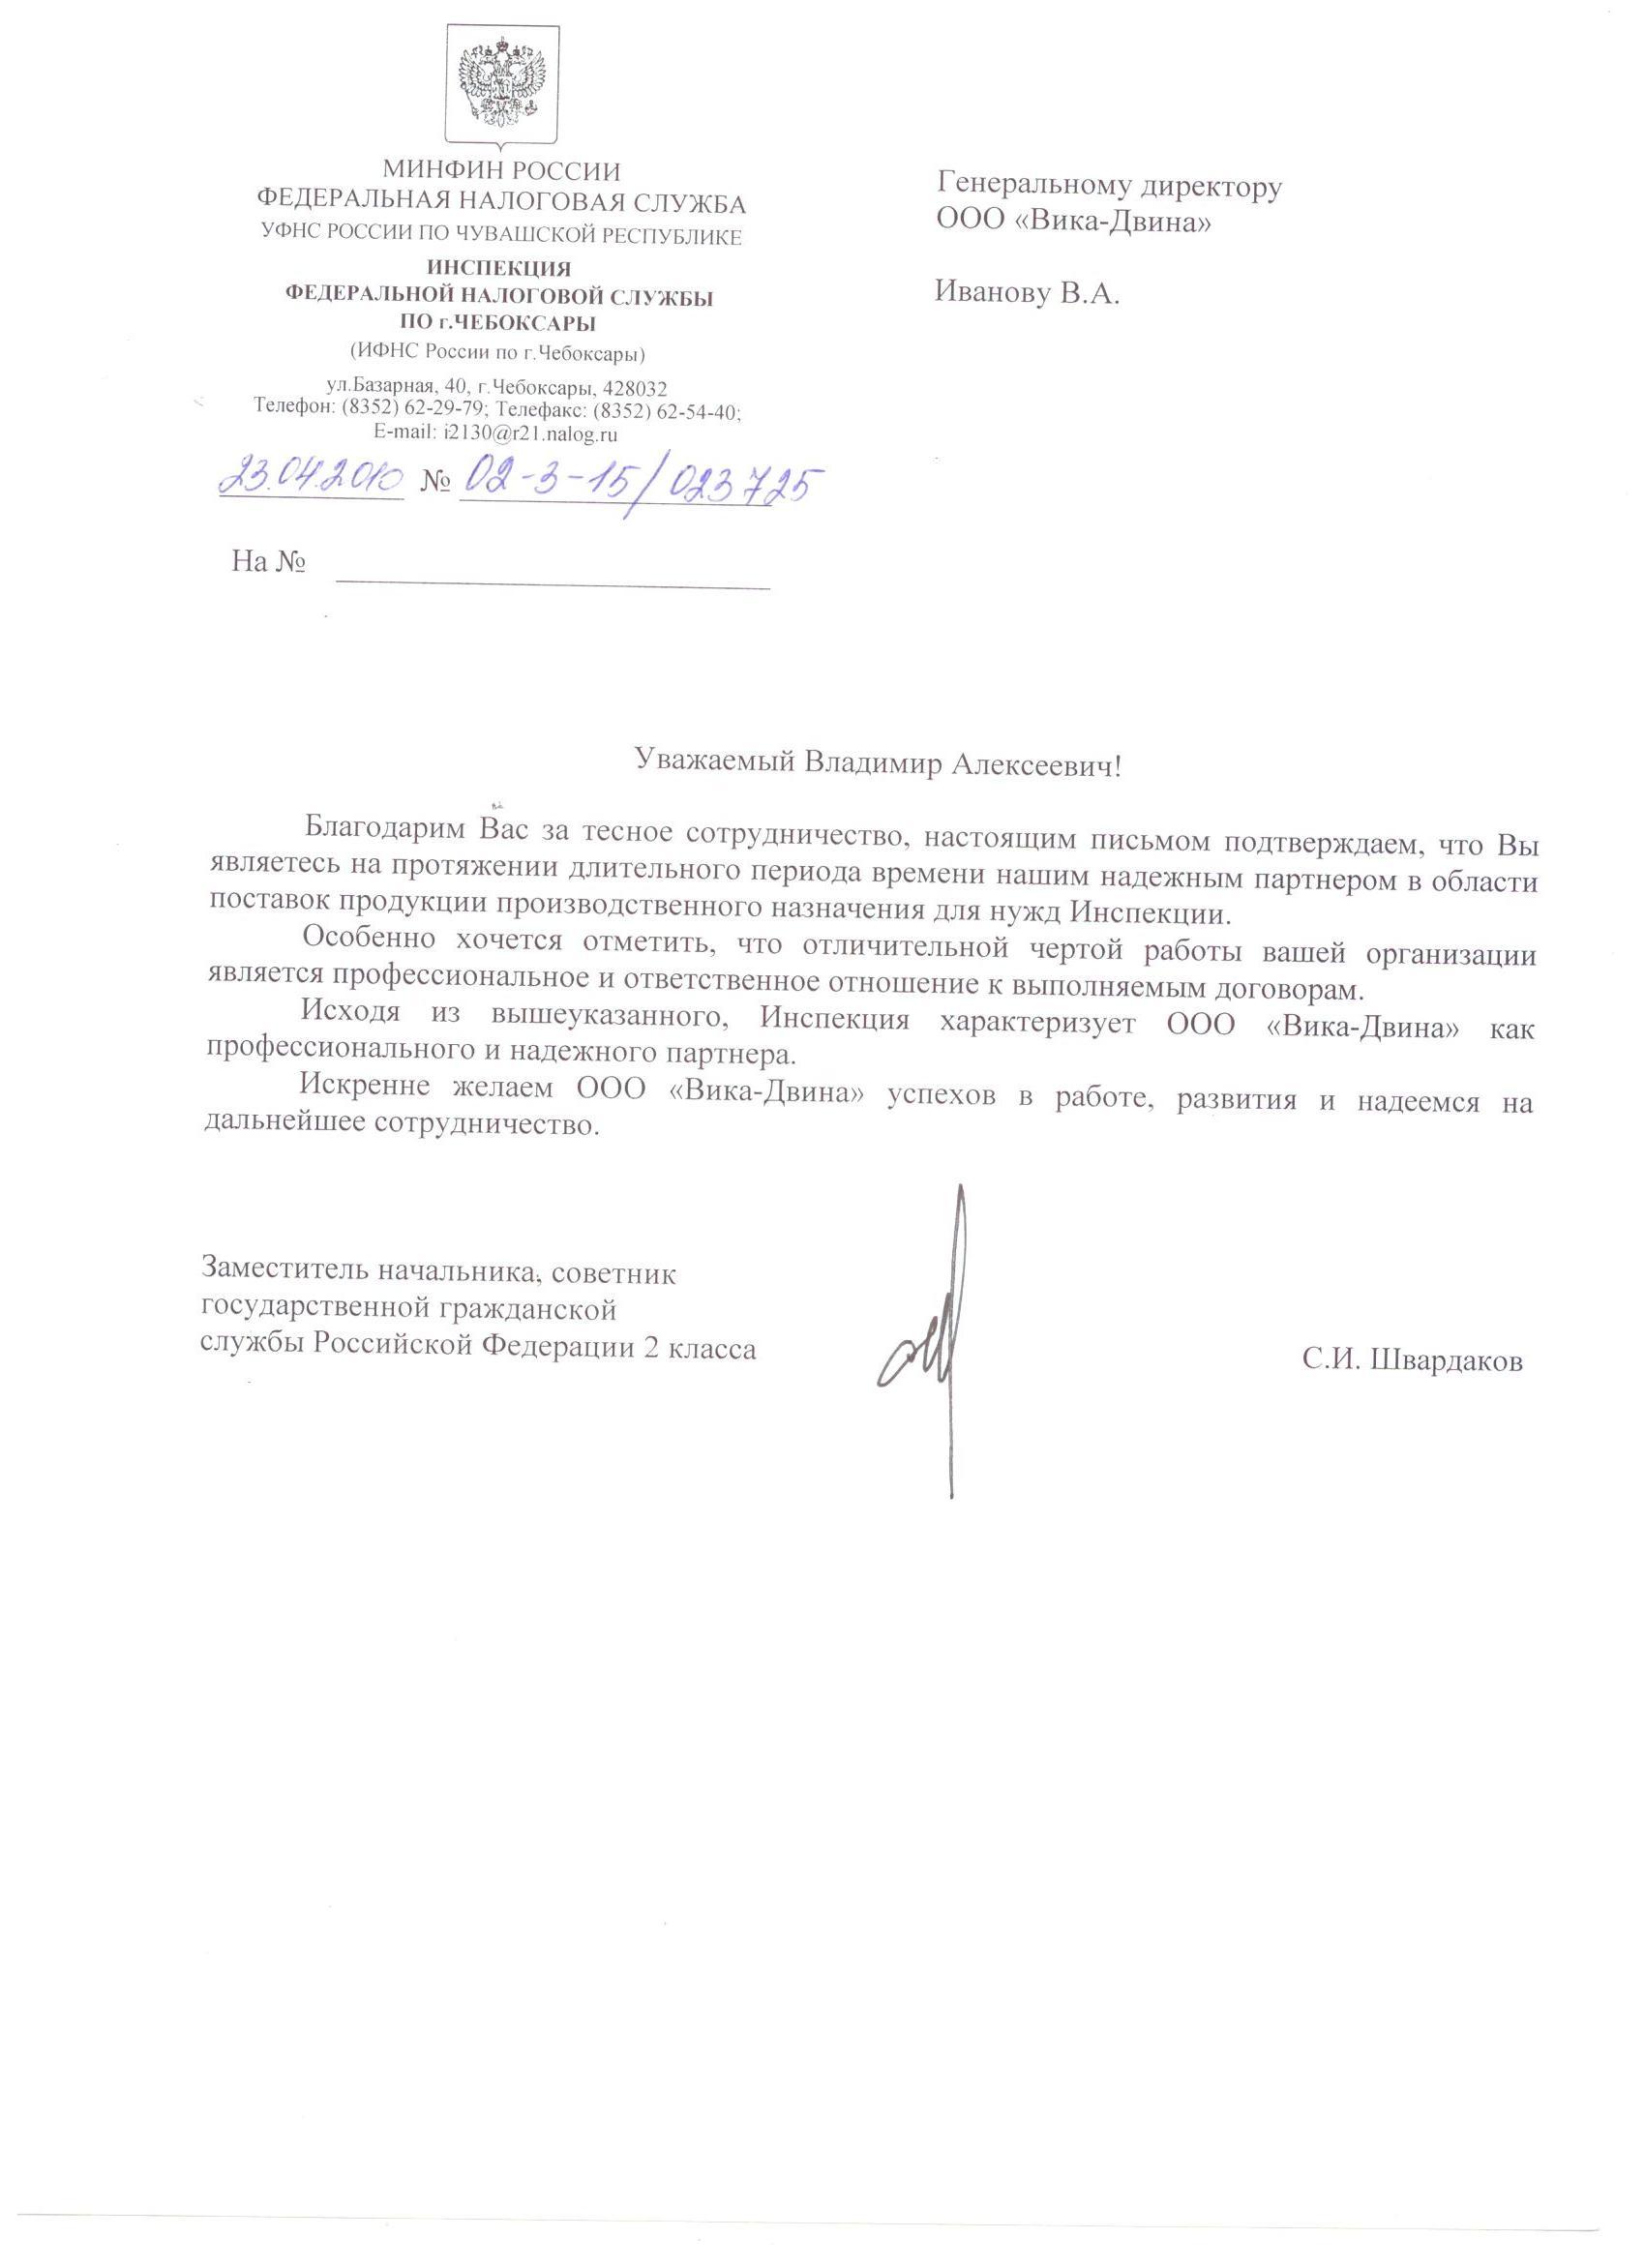 Инспекция Федеральной налоговой службы по г. Чебоксарам